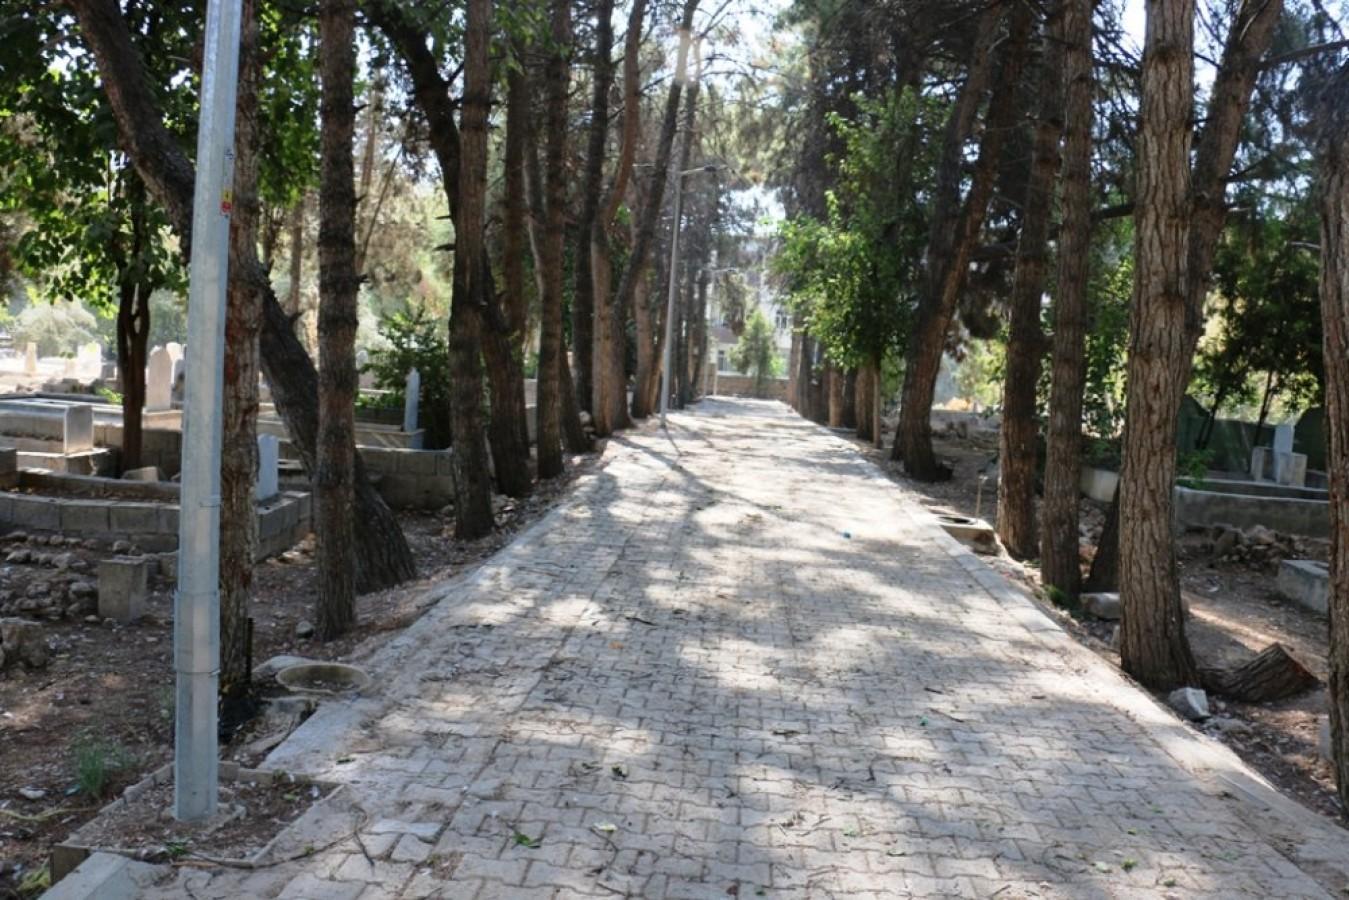 Eski Mezarlık Alanın Çevre Duvarı Onarı ve Aydınlatma Projesi